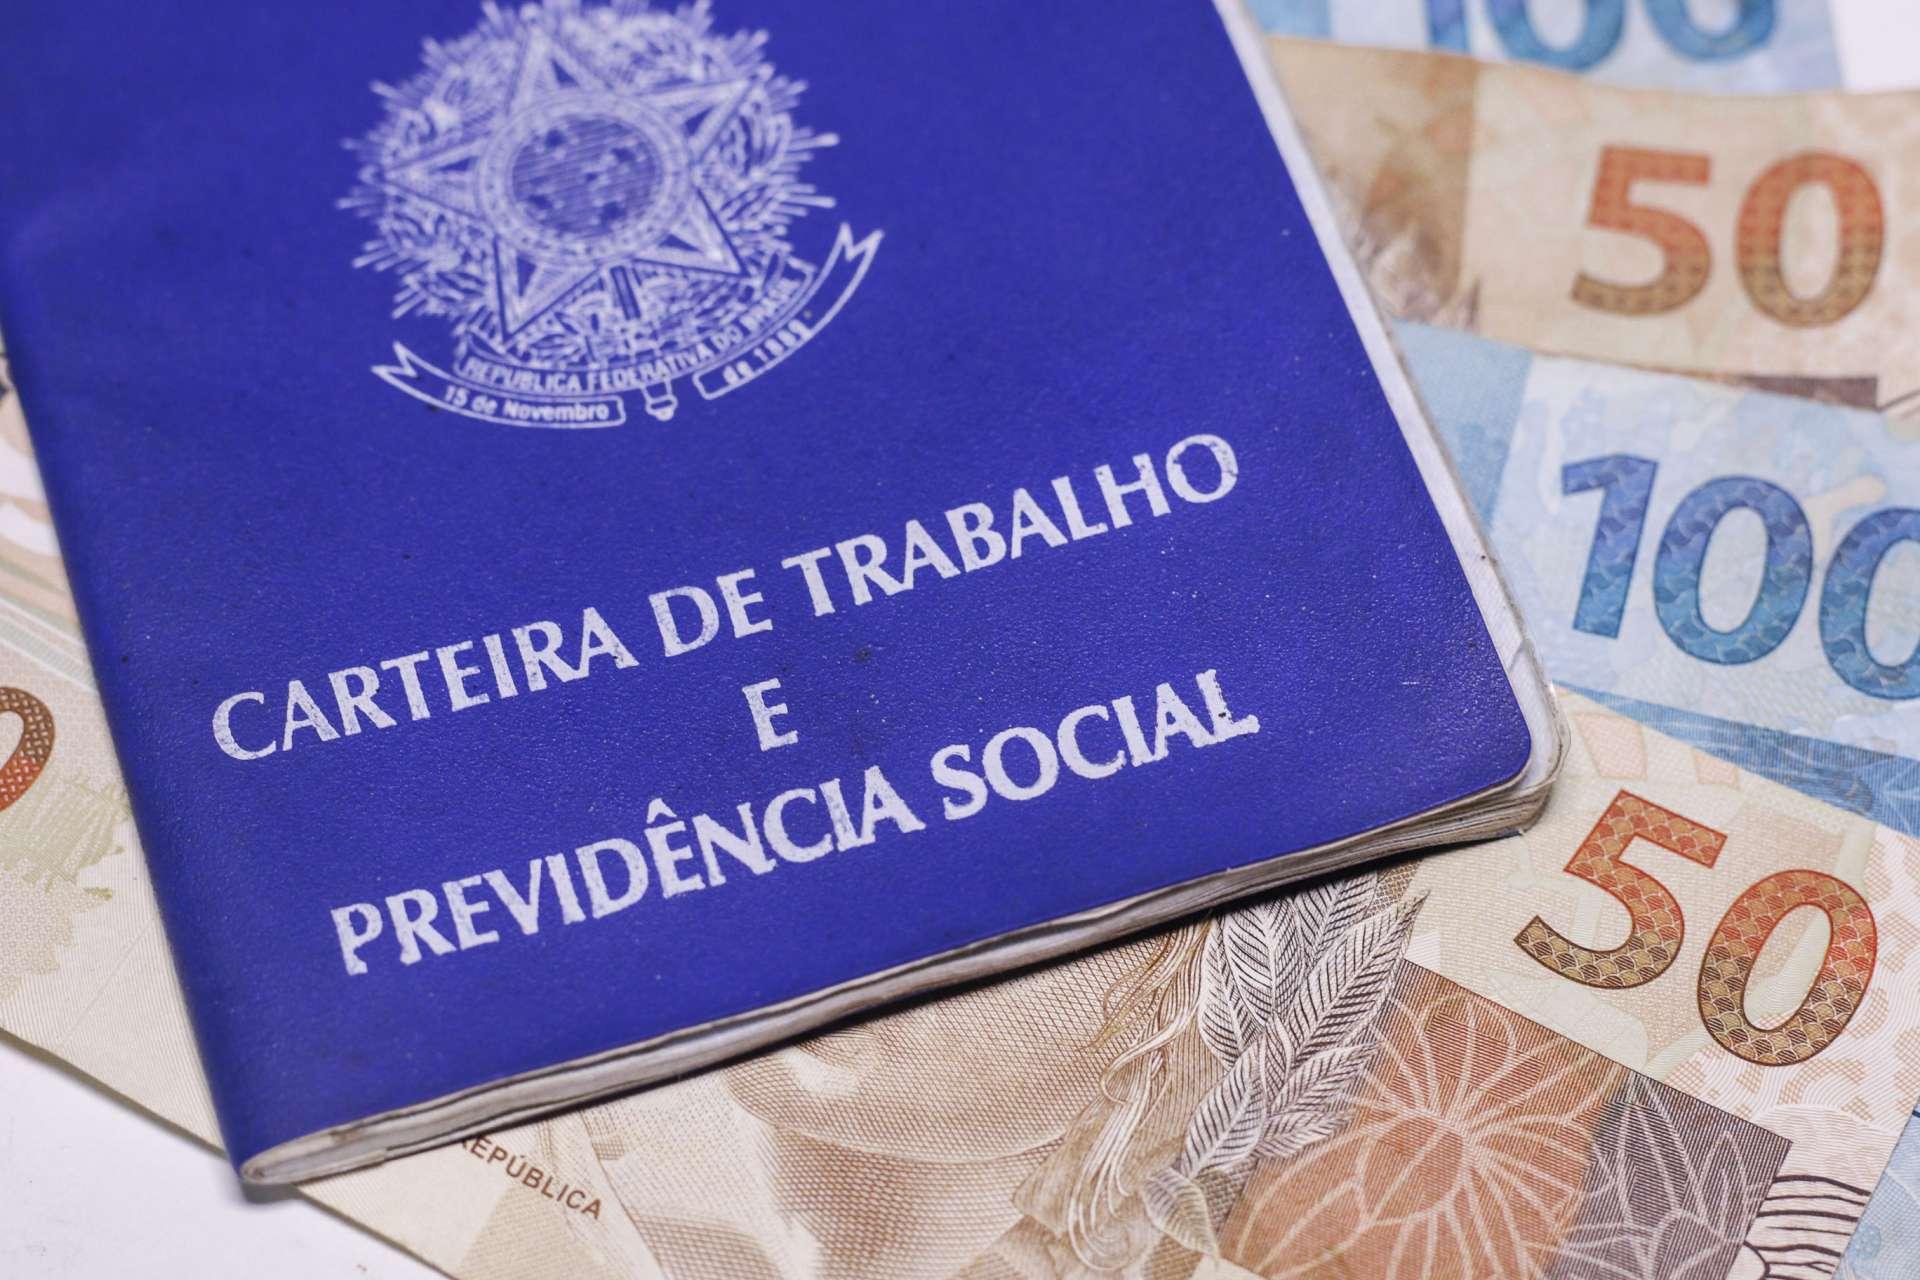 O jovem do Nordeste tem apenas 16% de chance de ser contratado com carteira assinada (Foto: Barbara Moira)